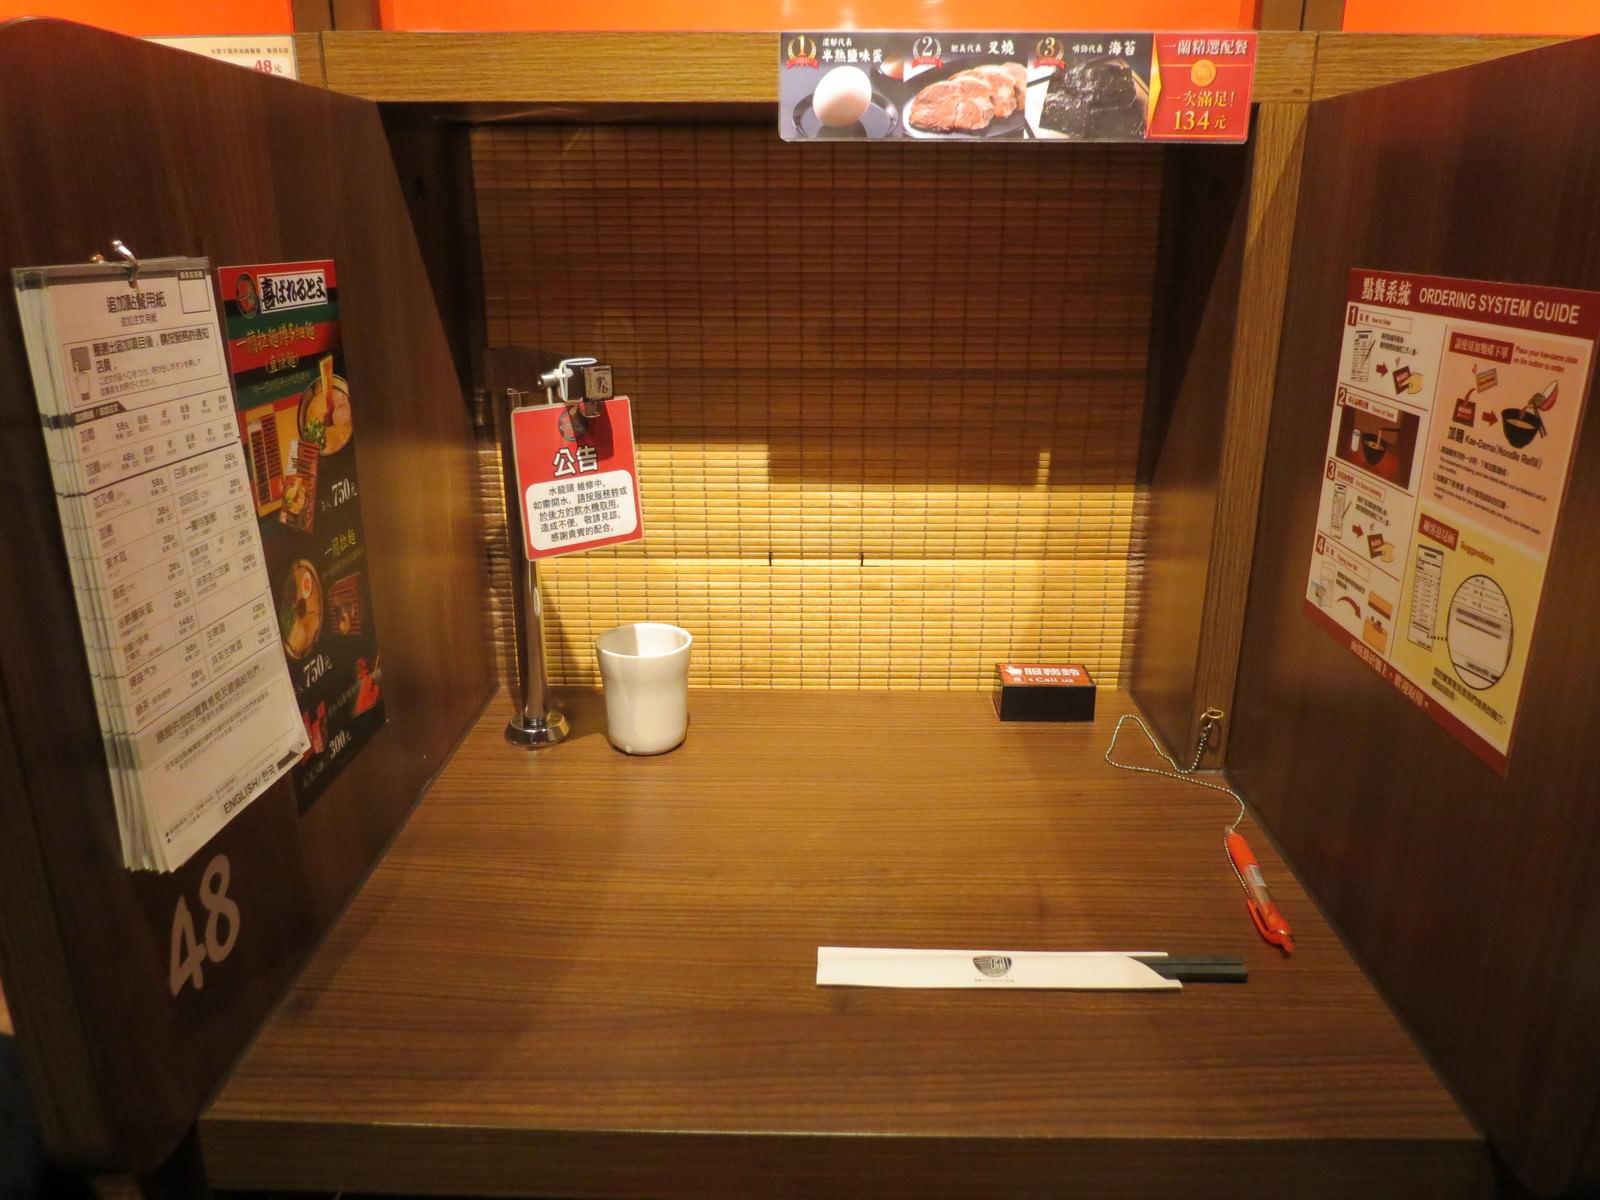 天然豚骨拉麵專門店一蘭@台灣台北本店別館, 用餐空間